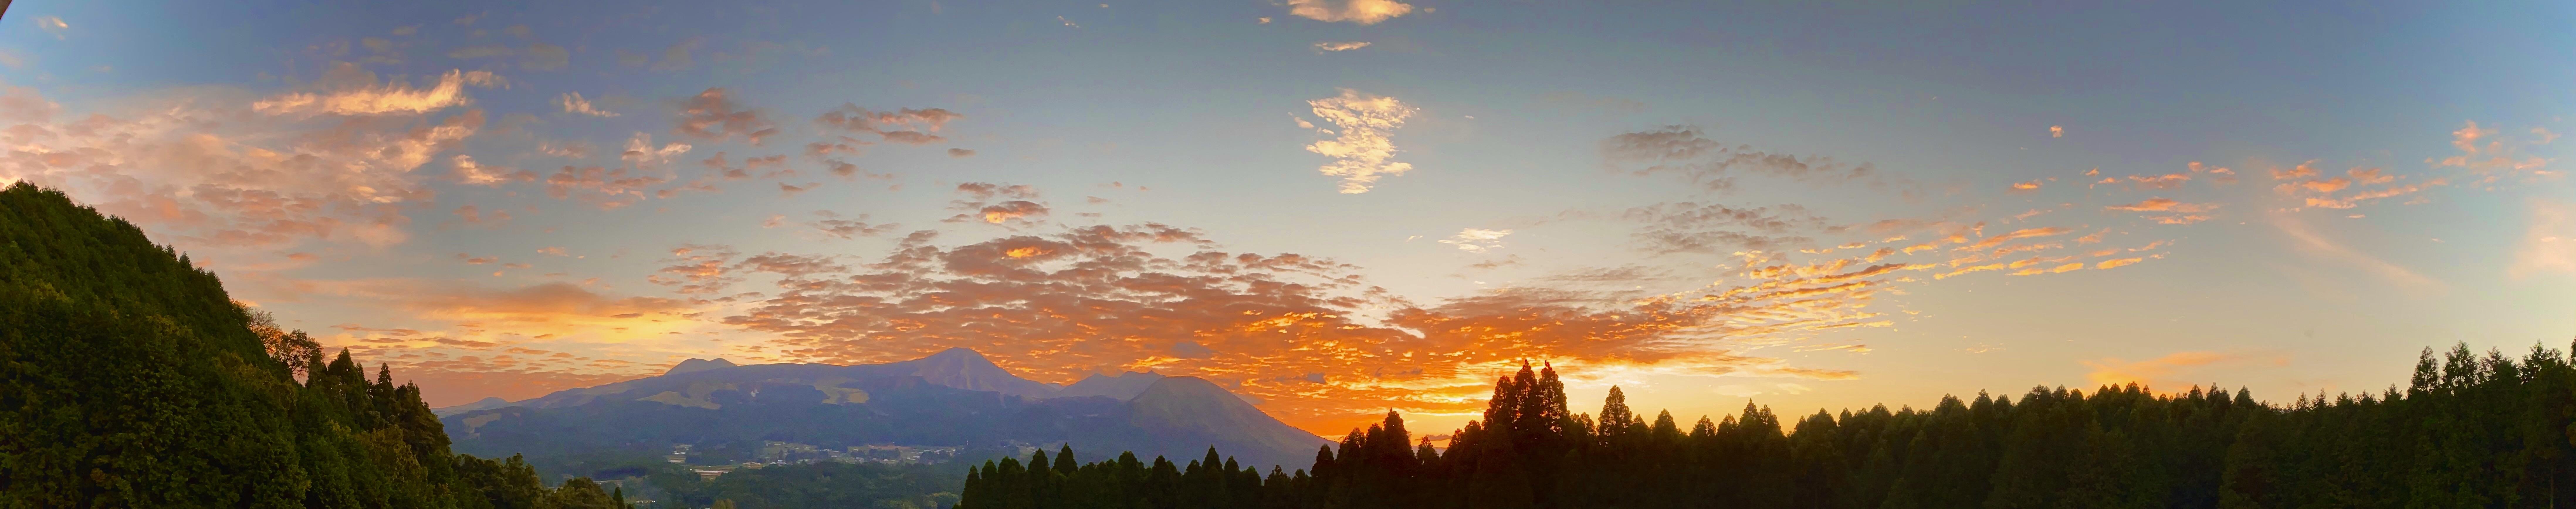 朝焼けの阿蘇山